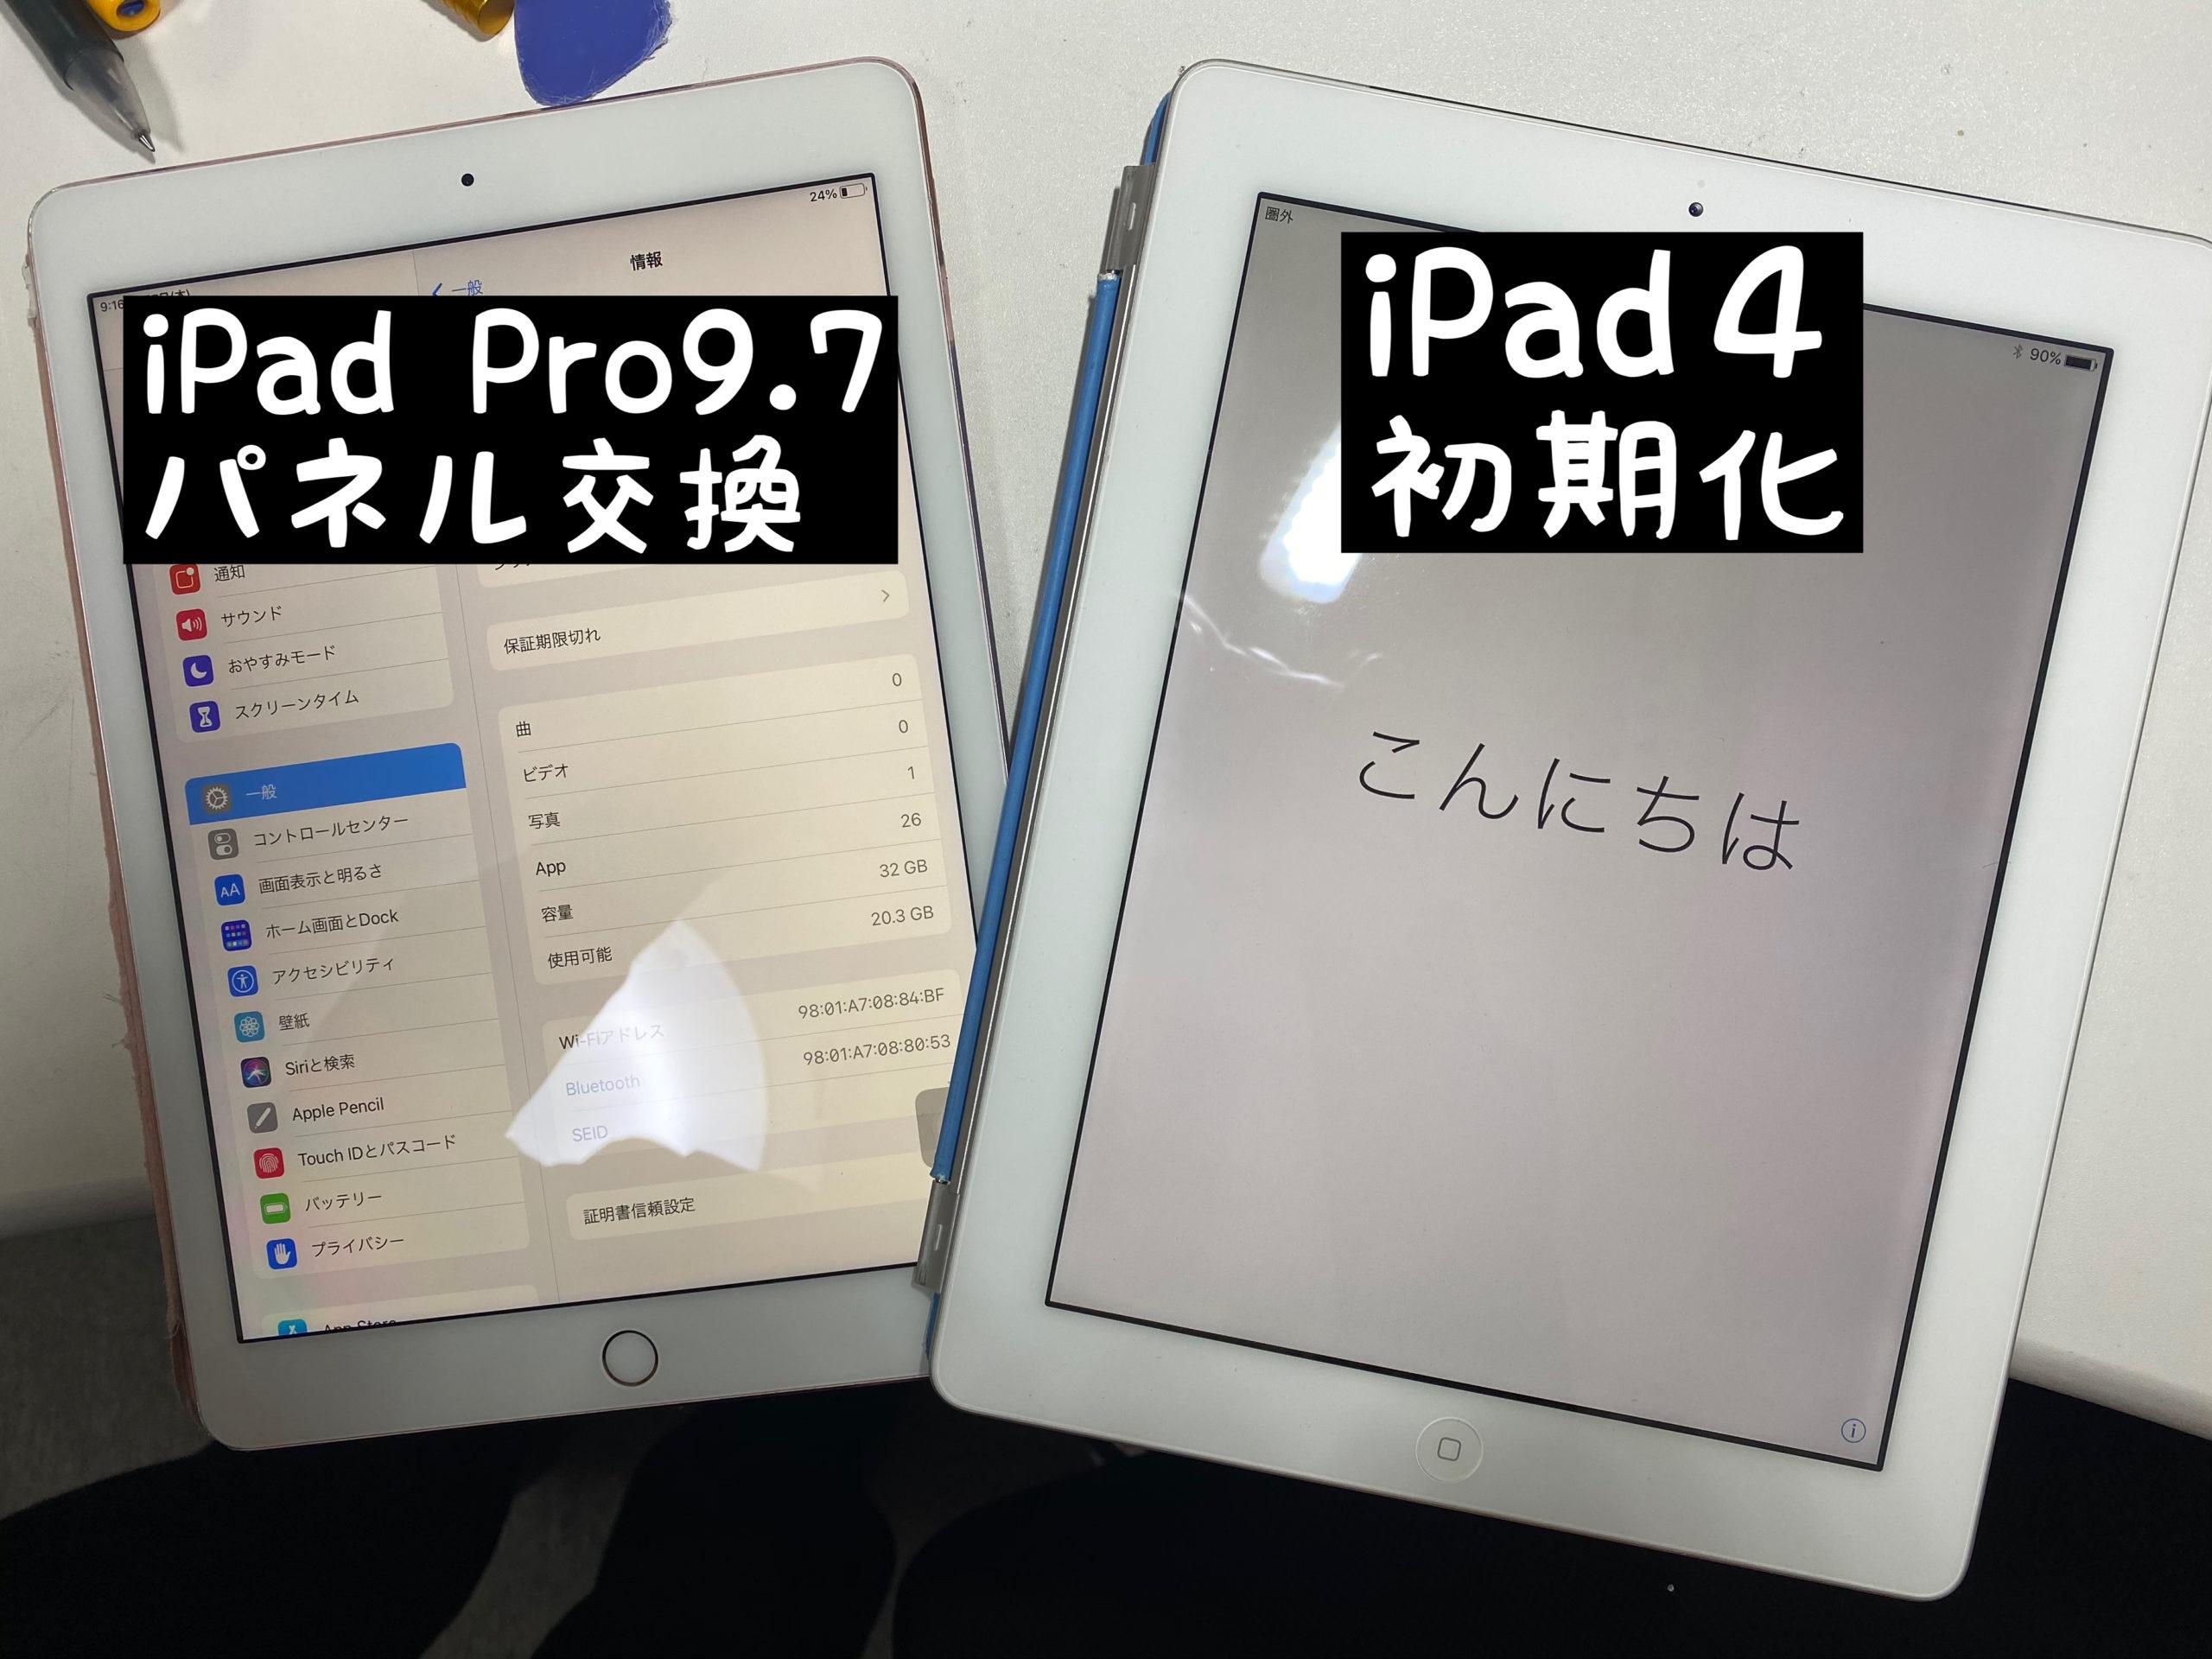 アイパッド修理 iPad修理 格安 安い 江南市 各務原 鵜沼 扶桑町 犬山市 犬山駅